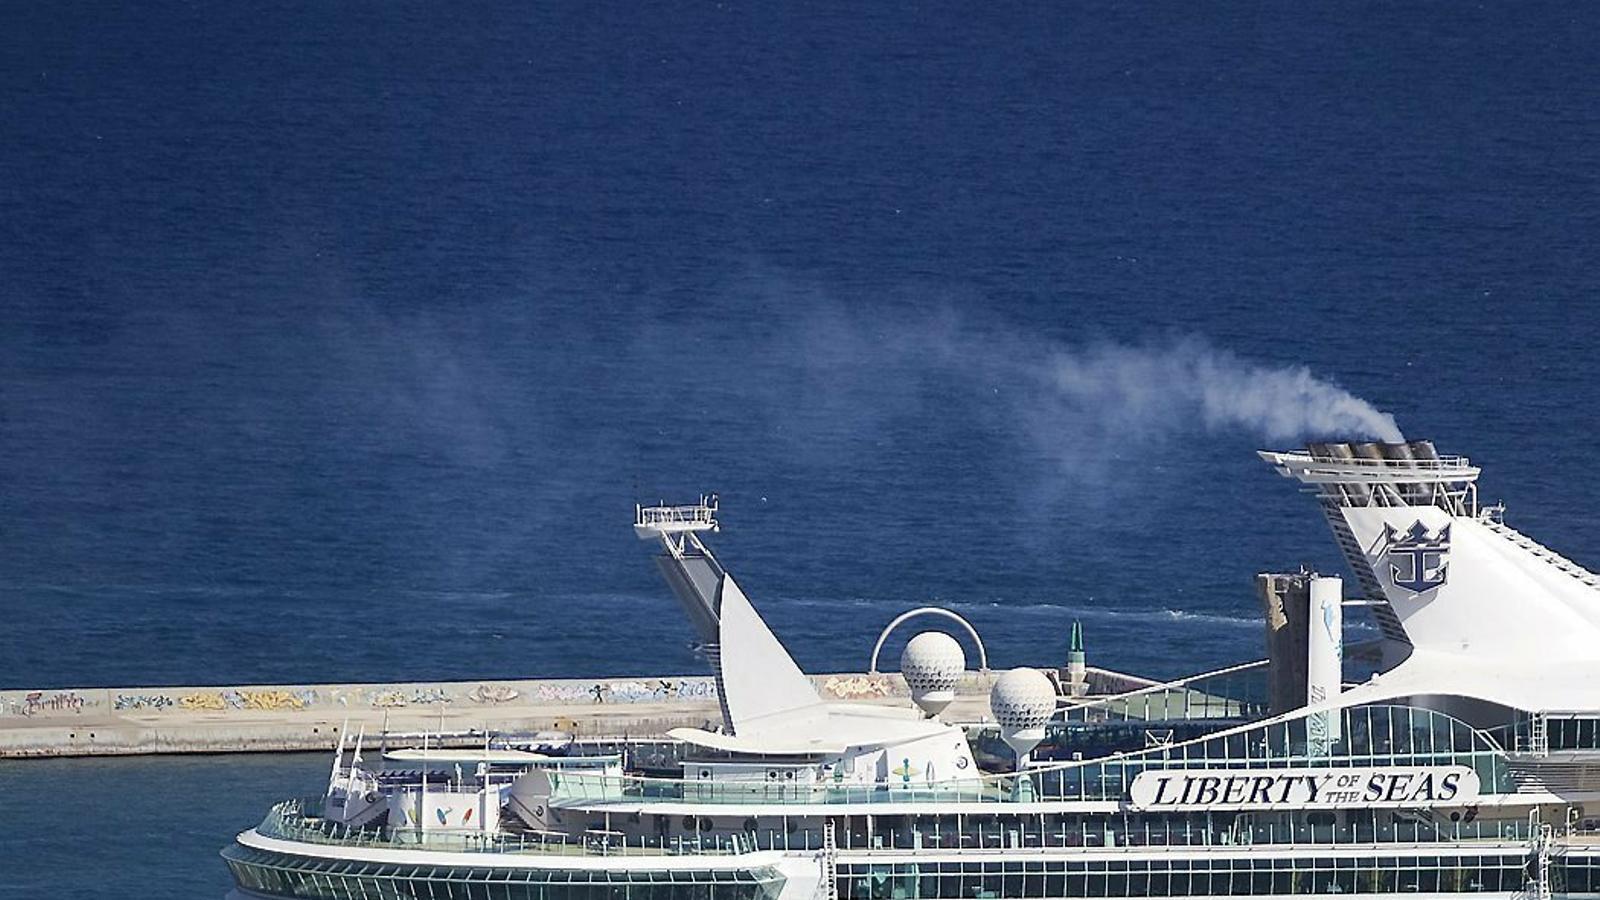 Un grup mirant-se un dels creuers de la companyia Royal Caribbean a Barcelona / FRANCESC MELCION